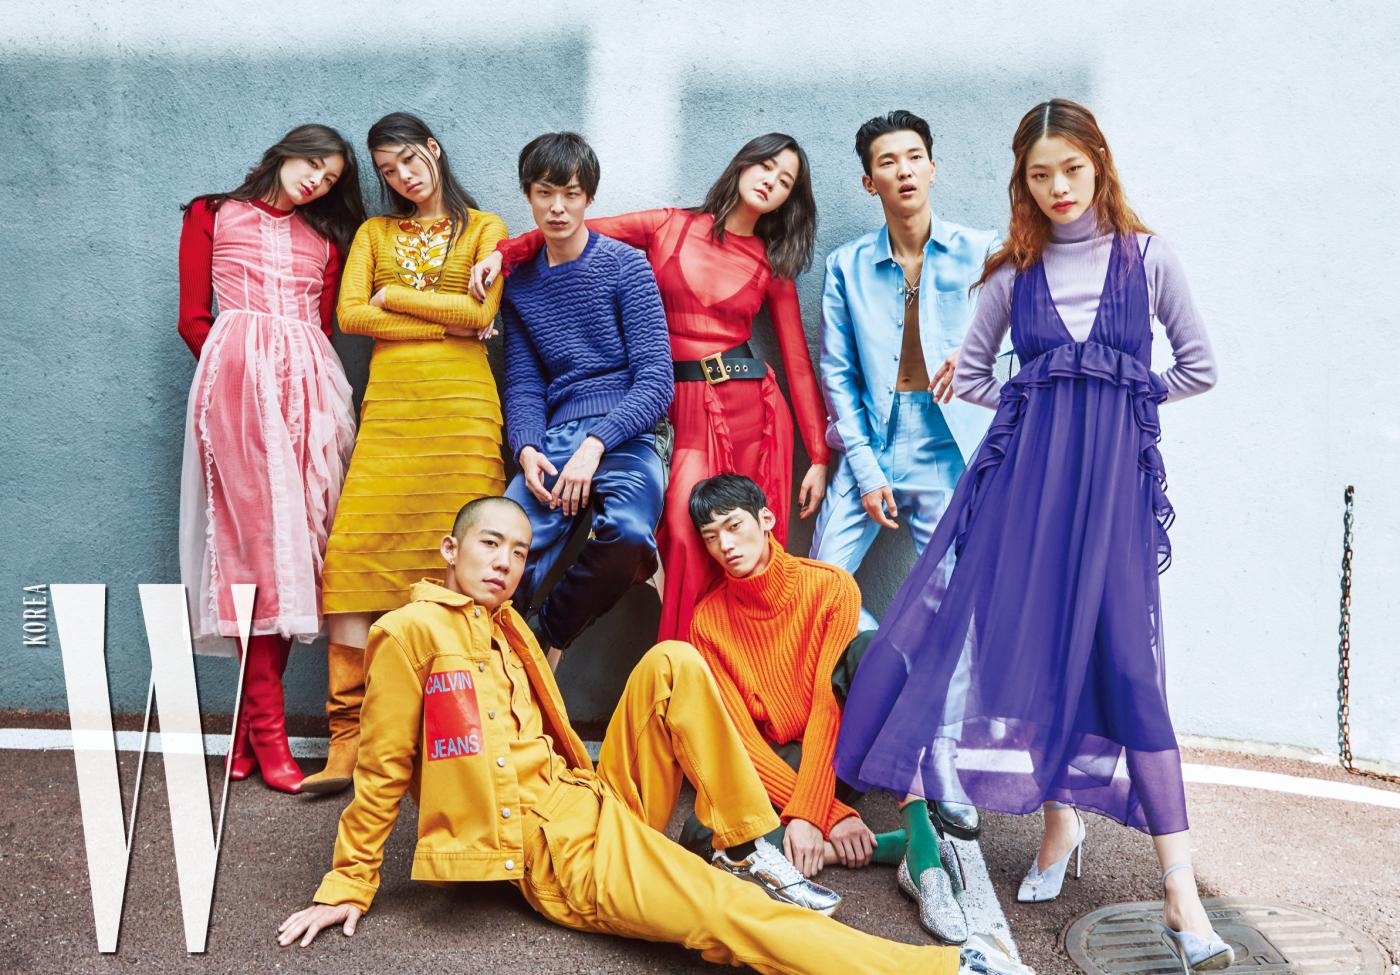 티아나가 입은 시스루 드레스는 4 Moncler Simone Rocha, 빨간 니트 드레스는 Maison Margiela, 롱부츠는 Salvatore Ferragamo 제품. 김설희가 입은 드레스는 Bottega Veneta, 스웨이드 부츠는 Stuart Weitzman 제품. 박경진이 입은 니트는 Ermenegildo Zegna Couture, 팬츠는 Bottega Veneta 제품. 강승현이 입은 레드 시스루 드레스, 블랙 벨트, 브라, 브리프는 모두 Dior 제품. 전준영이 입은 하늘색 셔츠와 팬츠는 Jarret, 은색 부츠는 Ordinary People 제품. 김아현이 입은 보라색 드레스는 N21, 슈즈는 Jimmy Choo 제품. 다니엘 오가 입은 데님 재킷, 셔츠, 팬츠는 모두 Calvin Klein Jeans, 스니커즈는 Valentino Garavani 제품. 정용수가 입은 오렌지색 니트는 Louis Vuitton, 팬츠는 COS, 주얼 장식 로퍼는 Christian Louboutin 제품.